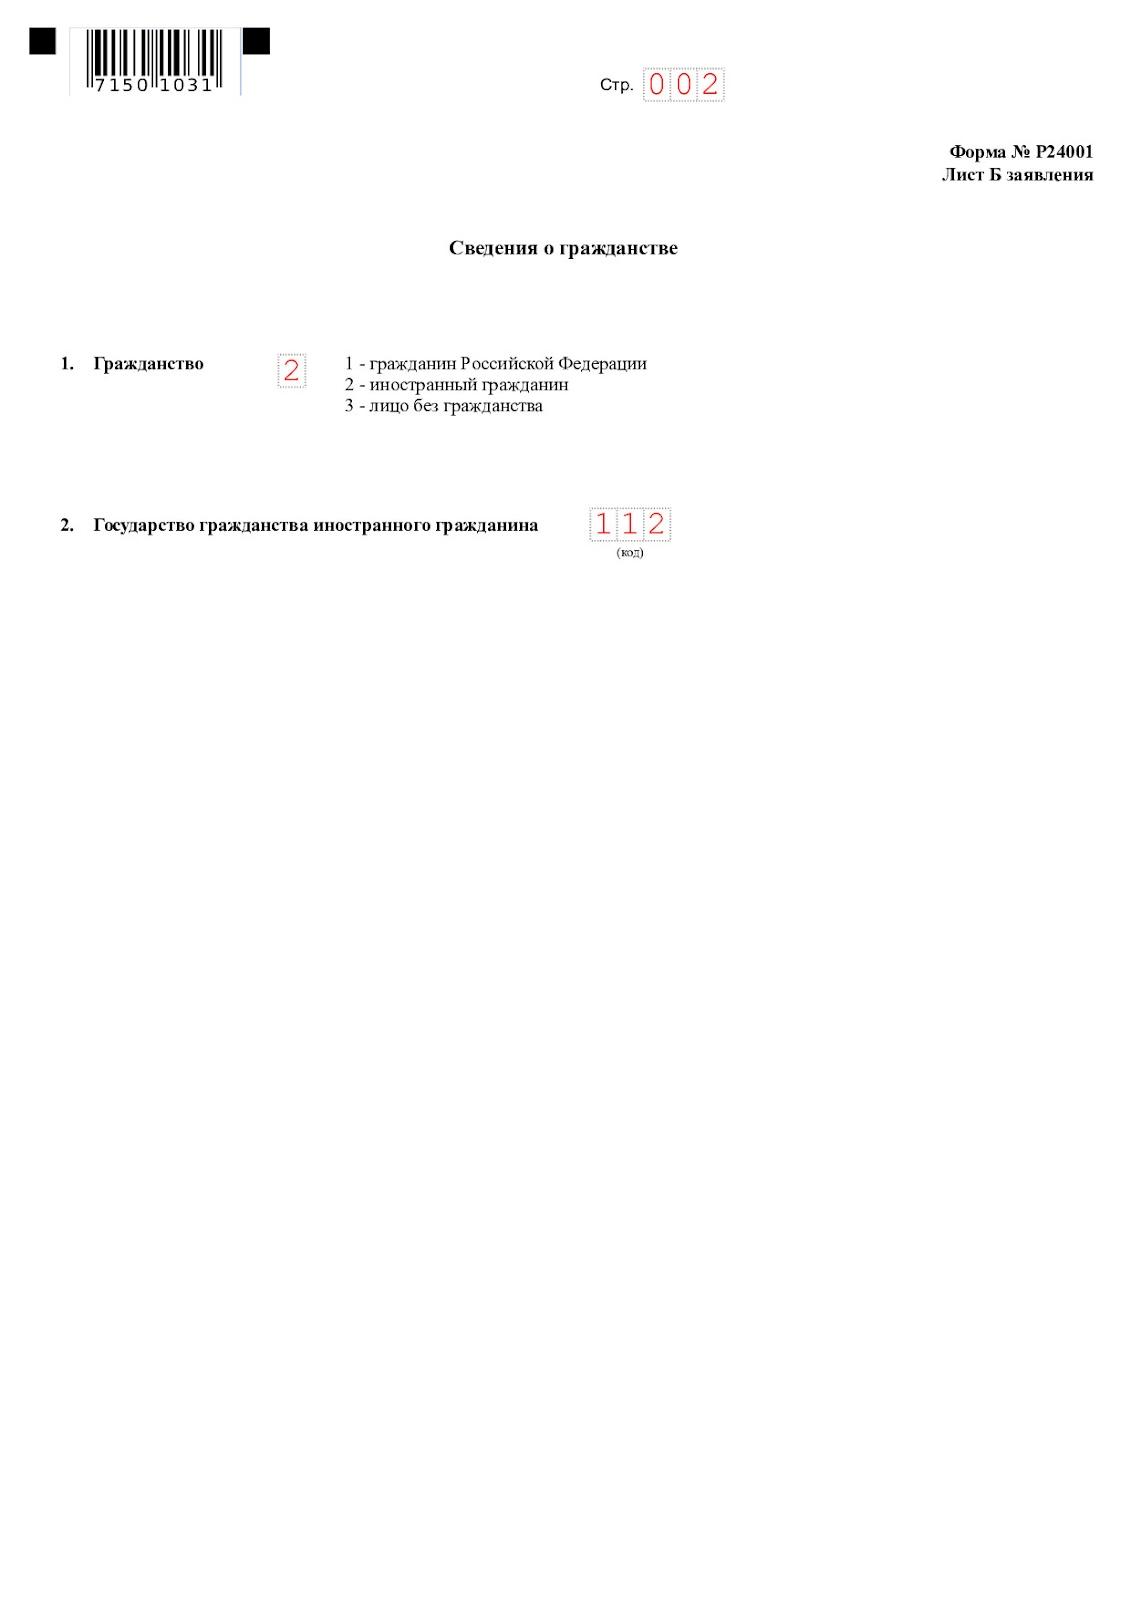 Форма Р24001 - внесение изменений в сведение об ИП 3